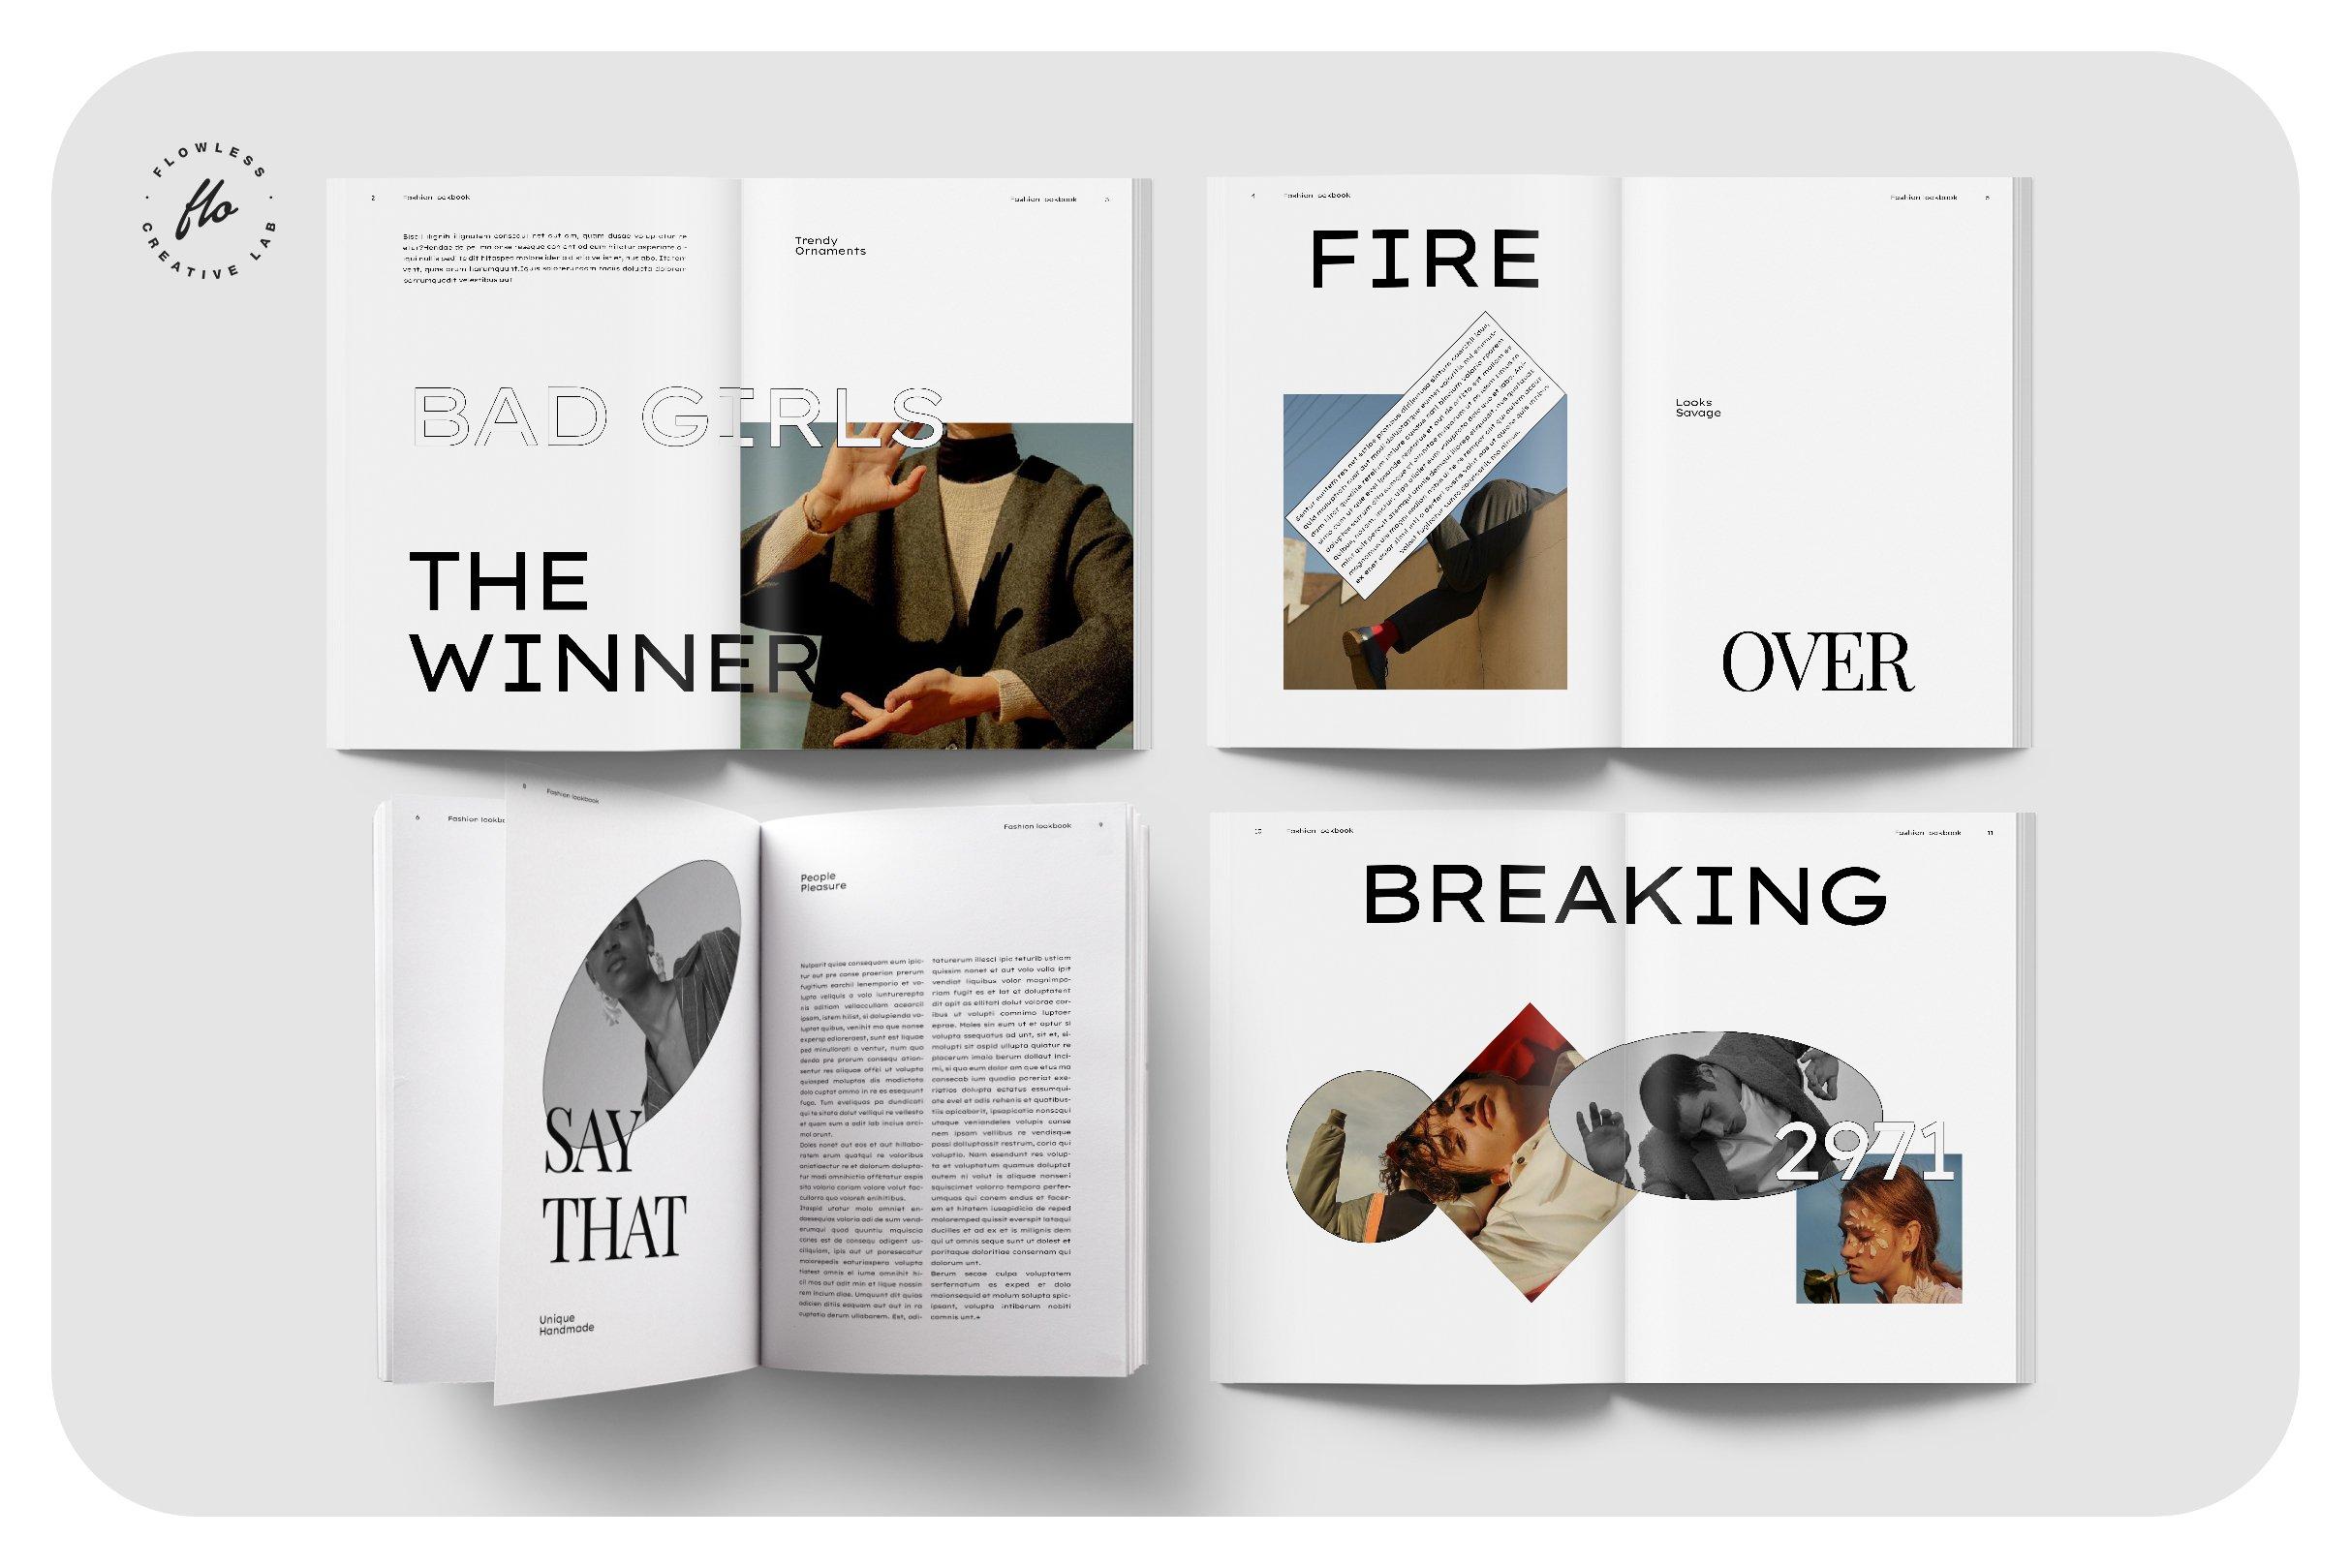 极简服装造型设计INDD画册模板 SOFT TOUCH Fashion Lookbook插图(1)